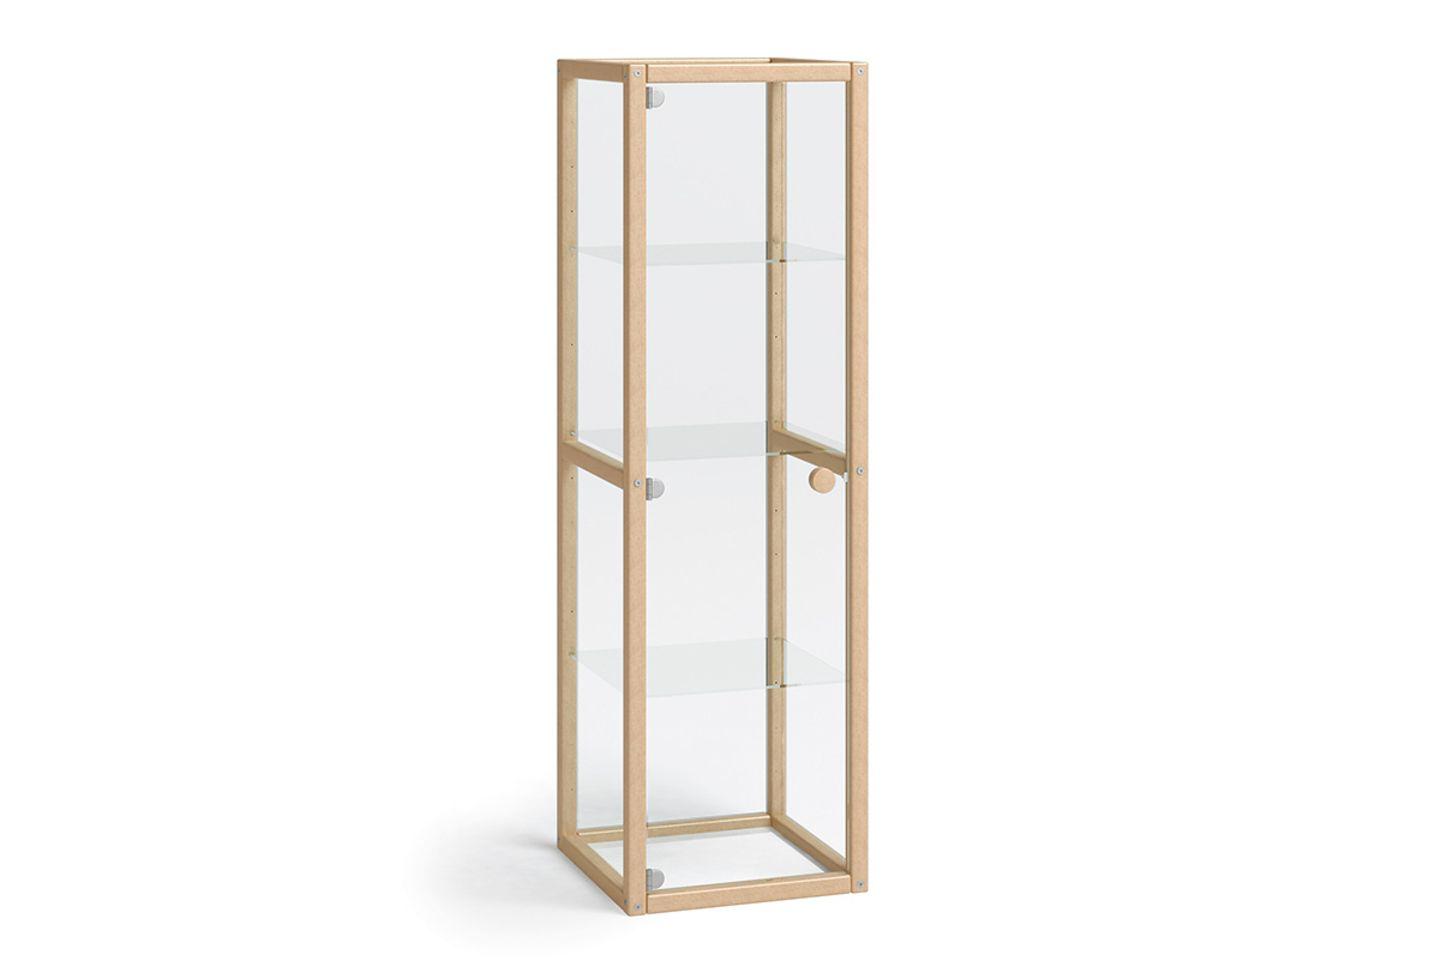 """Glascontainer aus der """"Profilsystem""""-Kollektion"""